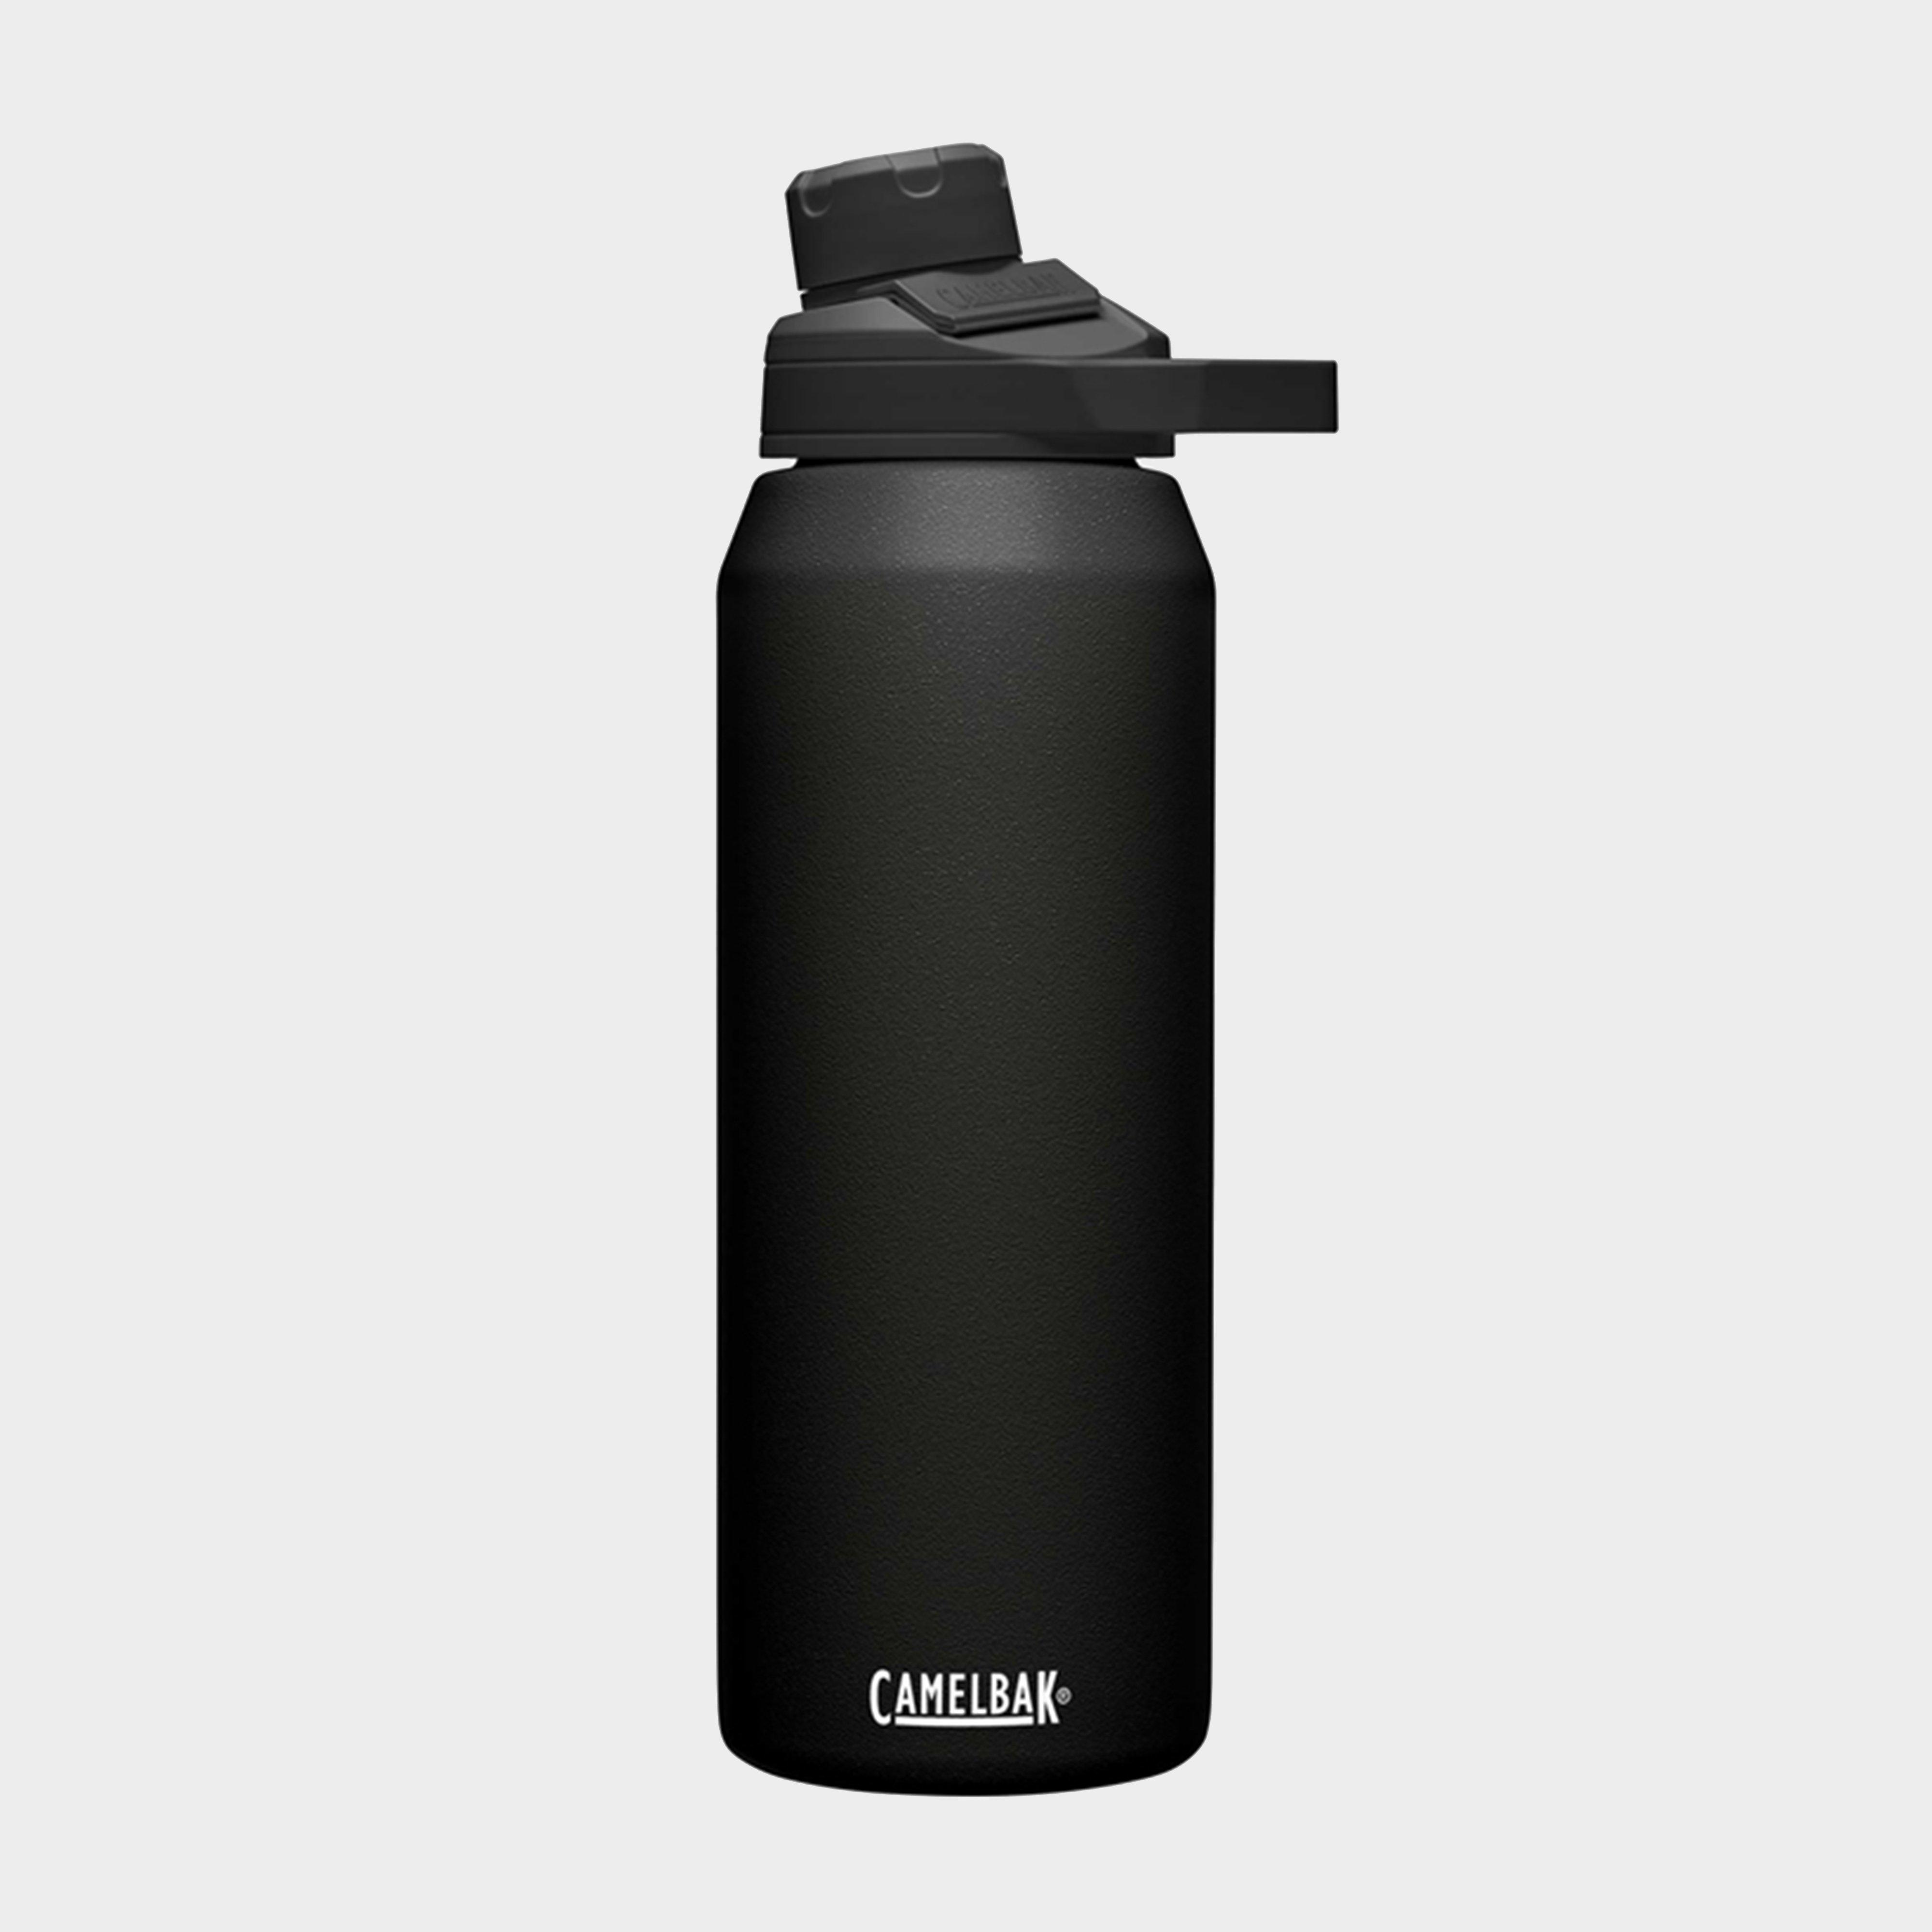 Camelbak Camelbak Chute Mag Vacuum Bottle 1 Litre, Black